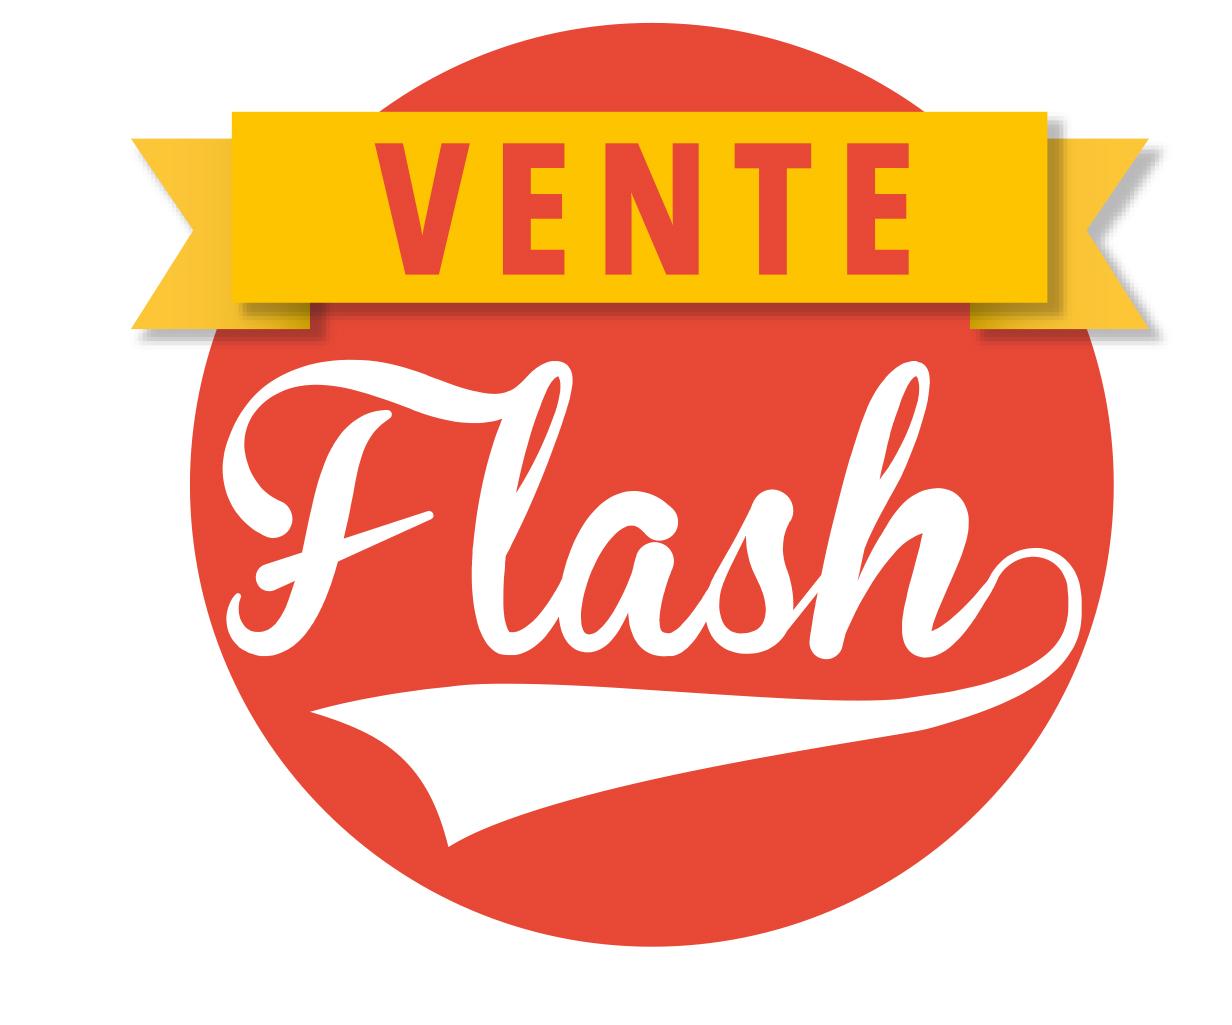 Vente flash belleville maisons axial - Vente flash televiseur ...